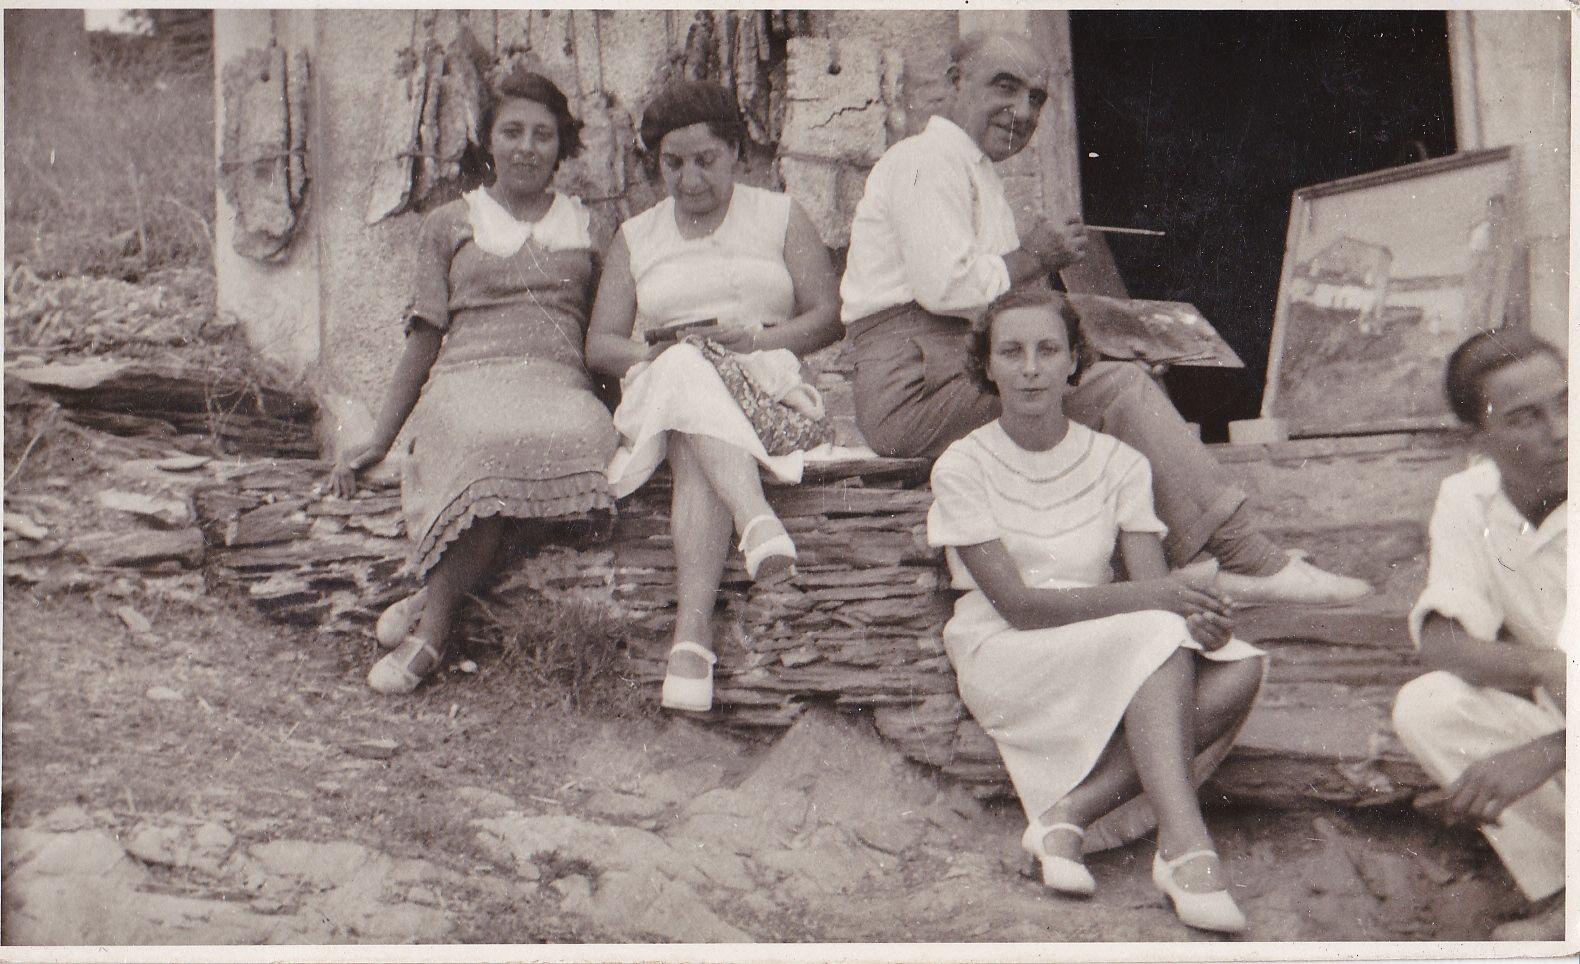 Eliseo Meifrén Roig pintando en Port Lligat, Cadaqués, junto a su segunda esposa, Julia Marina Lamana y a Mercedes, Raquel y José, hijos de la misma.